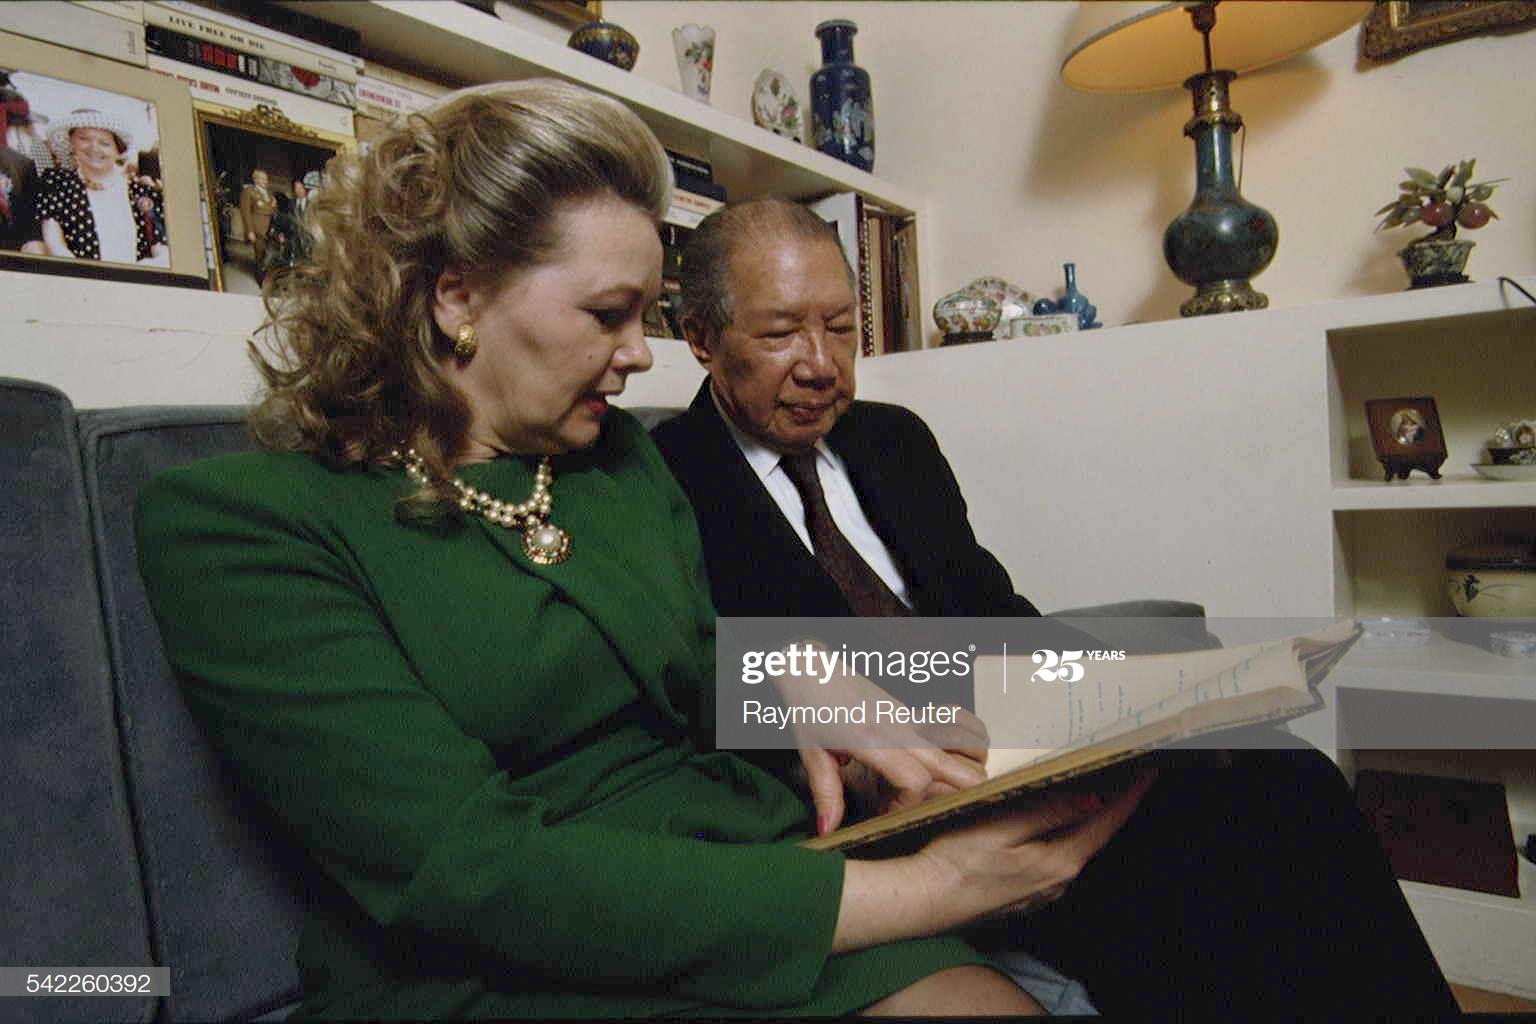 Chùm ảnh: Tuổi già bên người vợ Pháp của cựu hoàng Bảo Đại